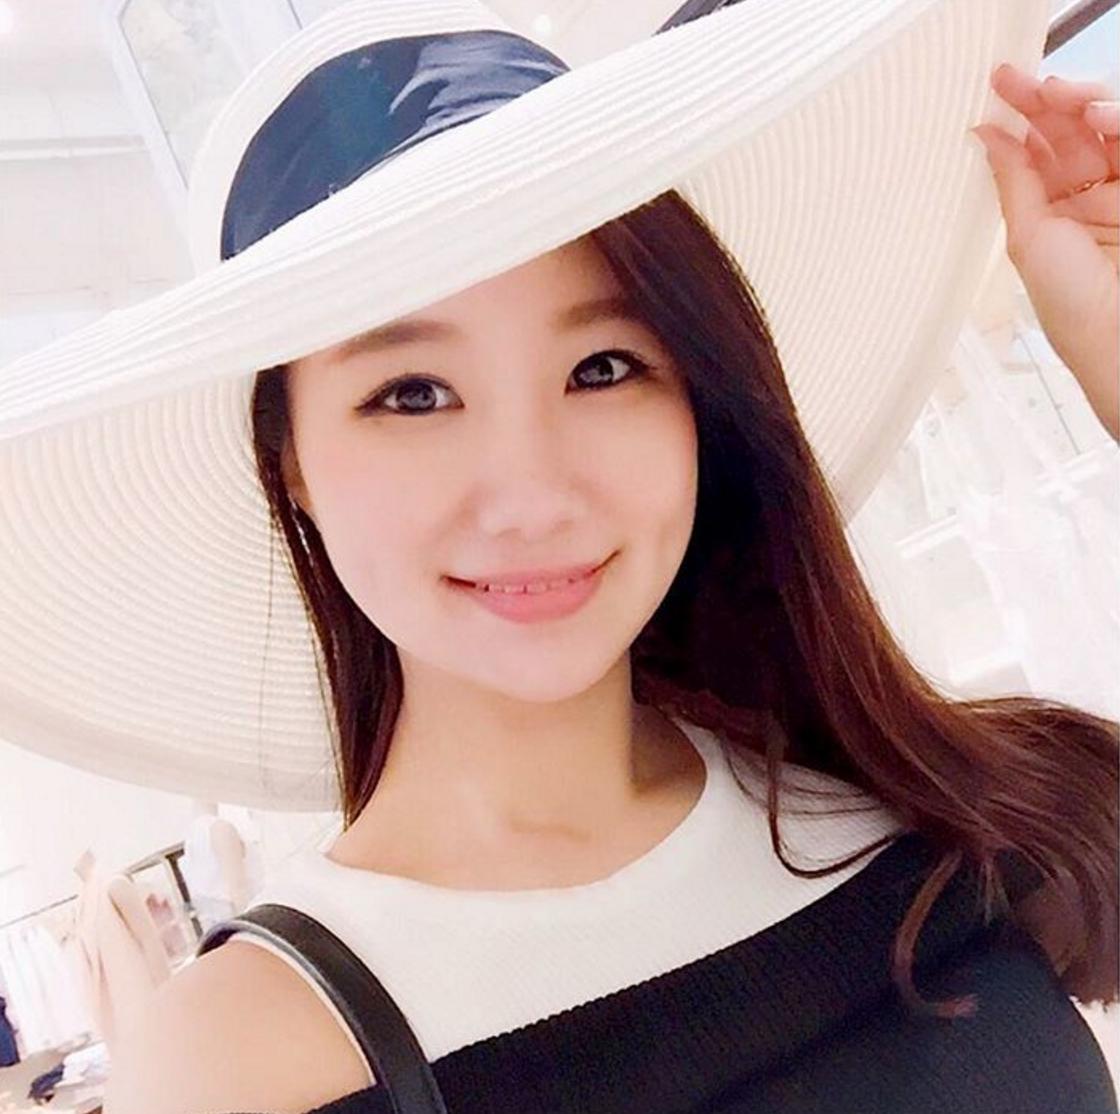 Follow Miki's instagram